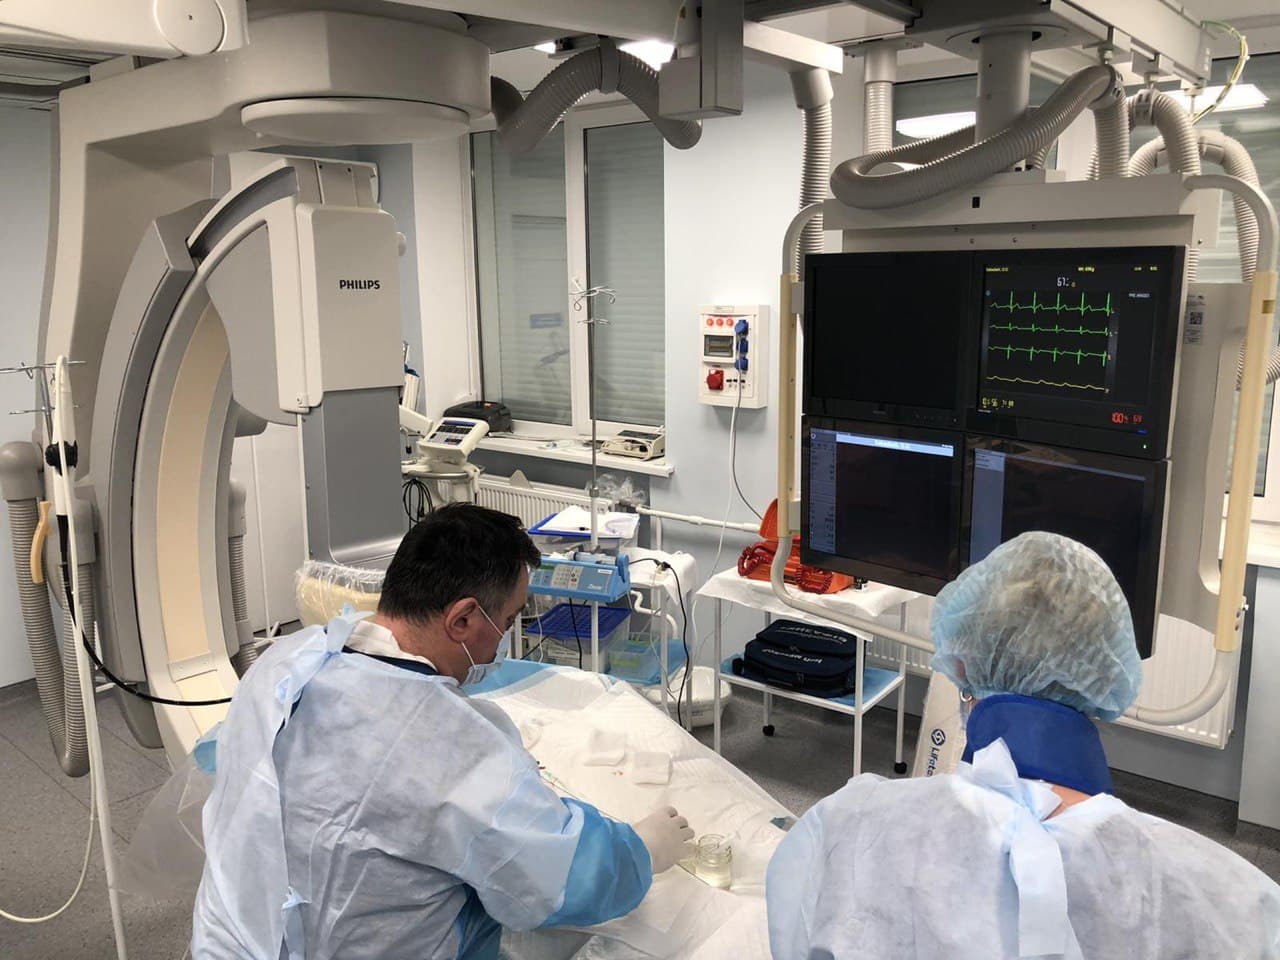 У Черкаському кардіоцентрі провели новітнє оперативне втручання (ВІДЕО)